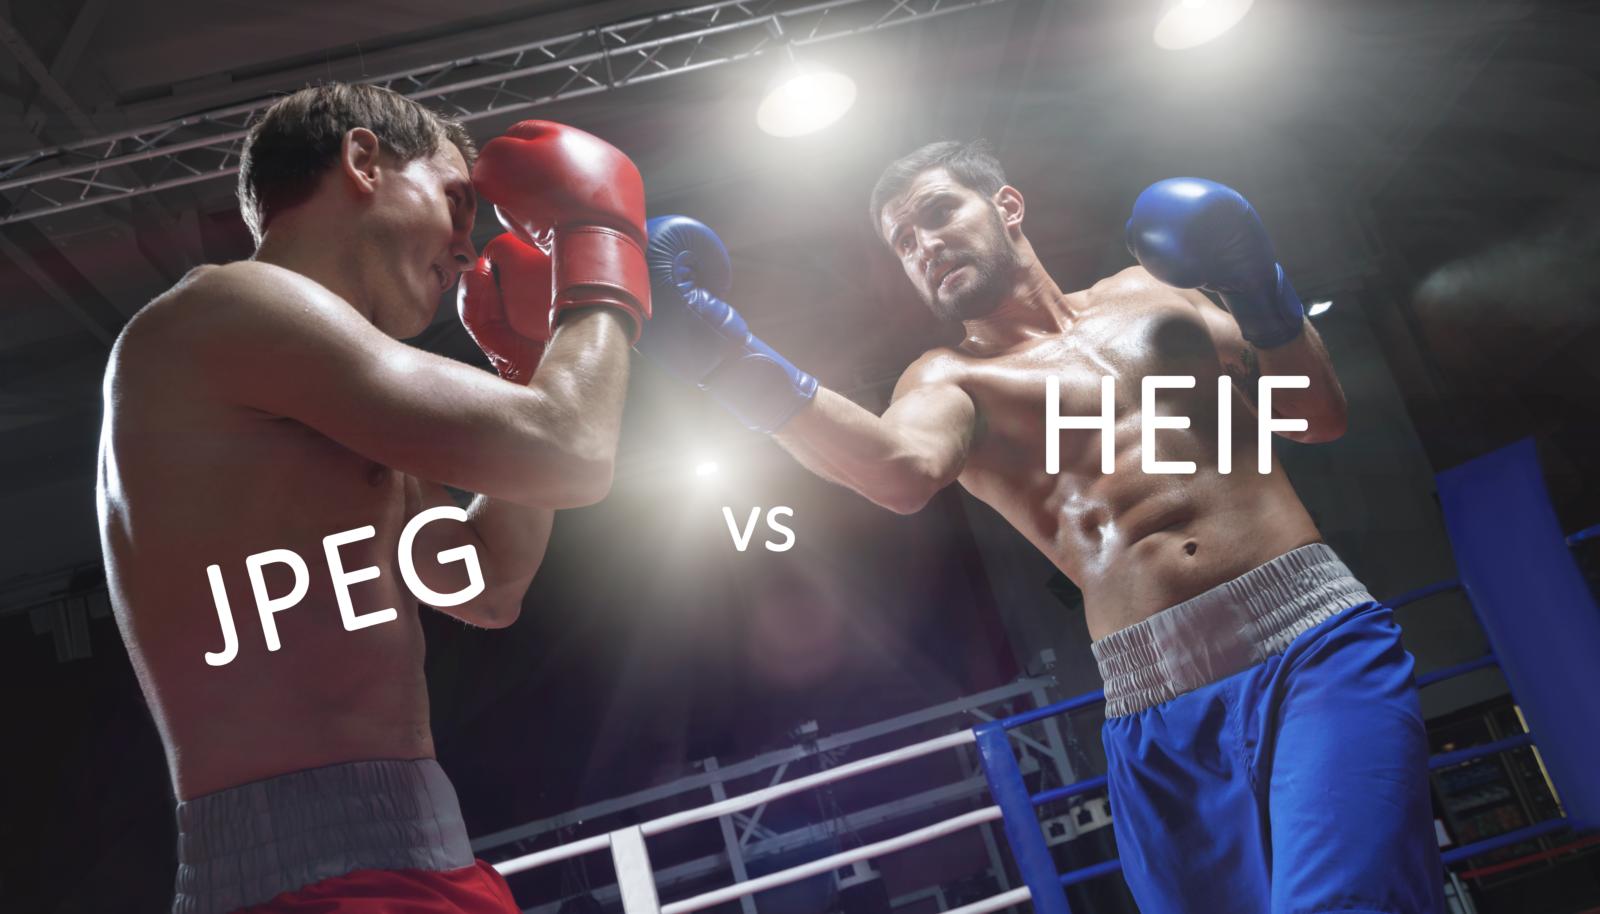 HEIF vs JPEG który lepiej używać w fotografii?